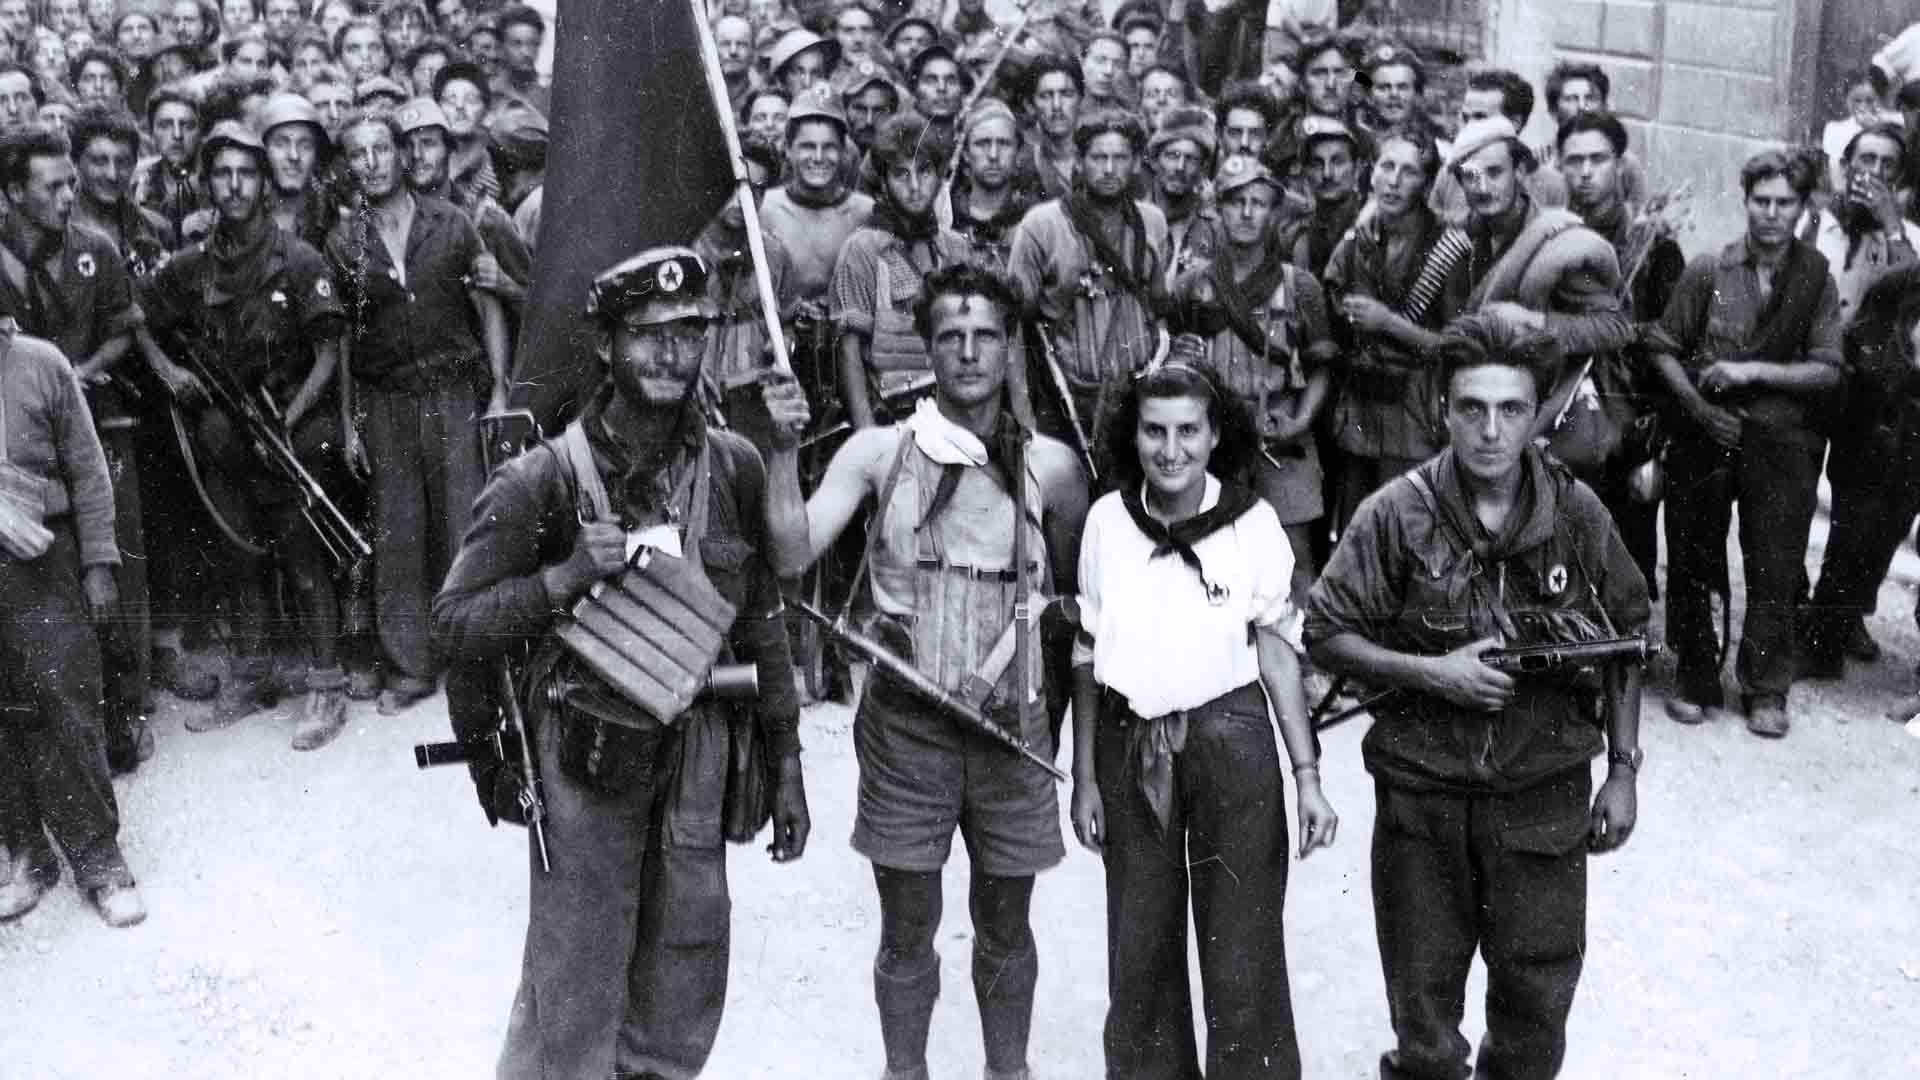 Armata partigiana durante la Liberazione